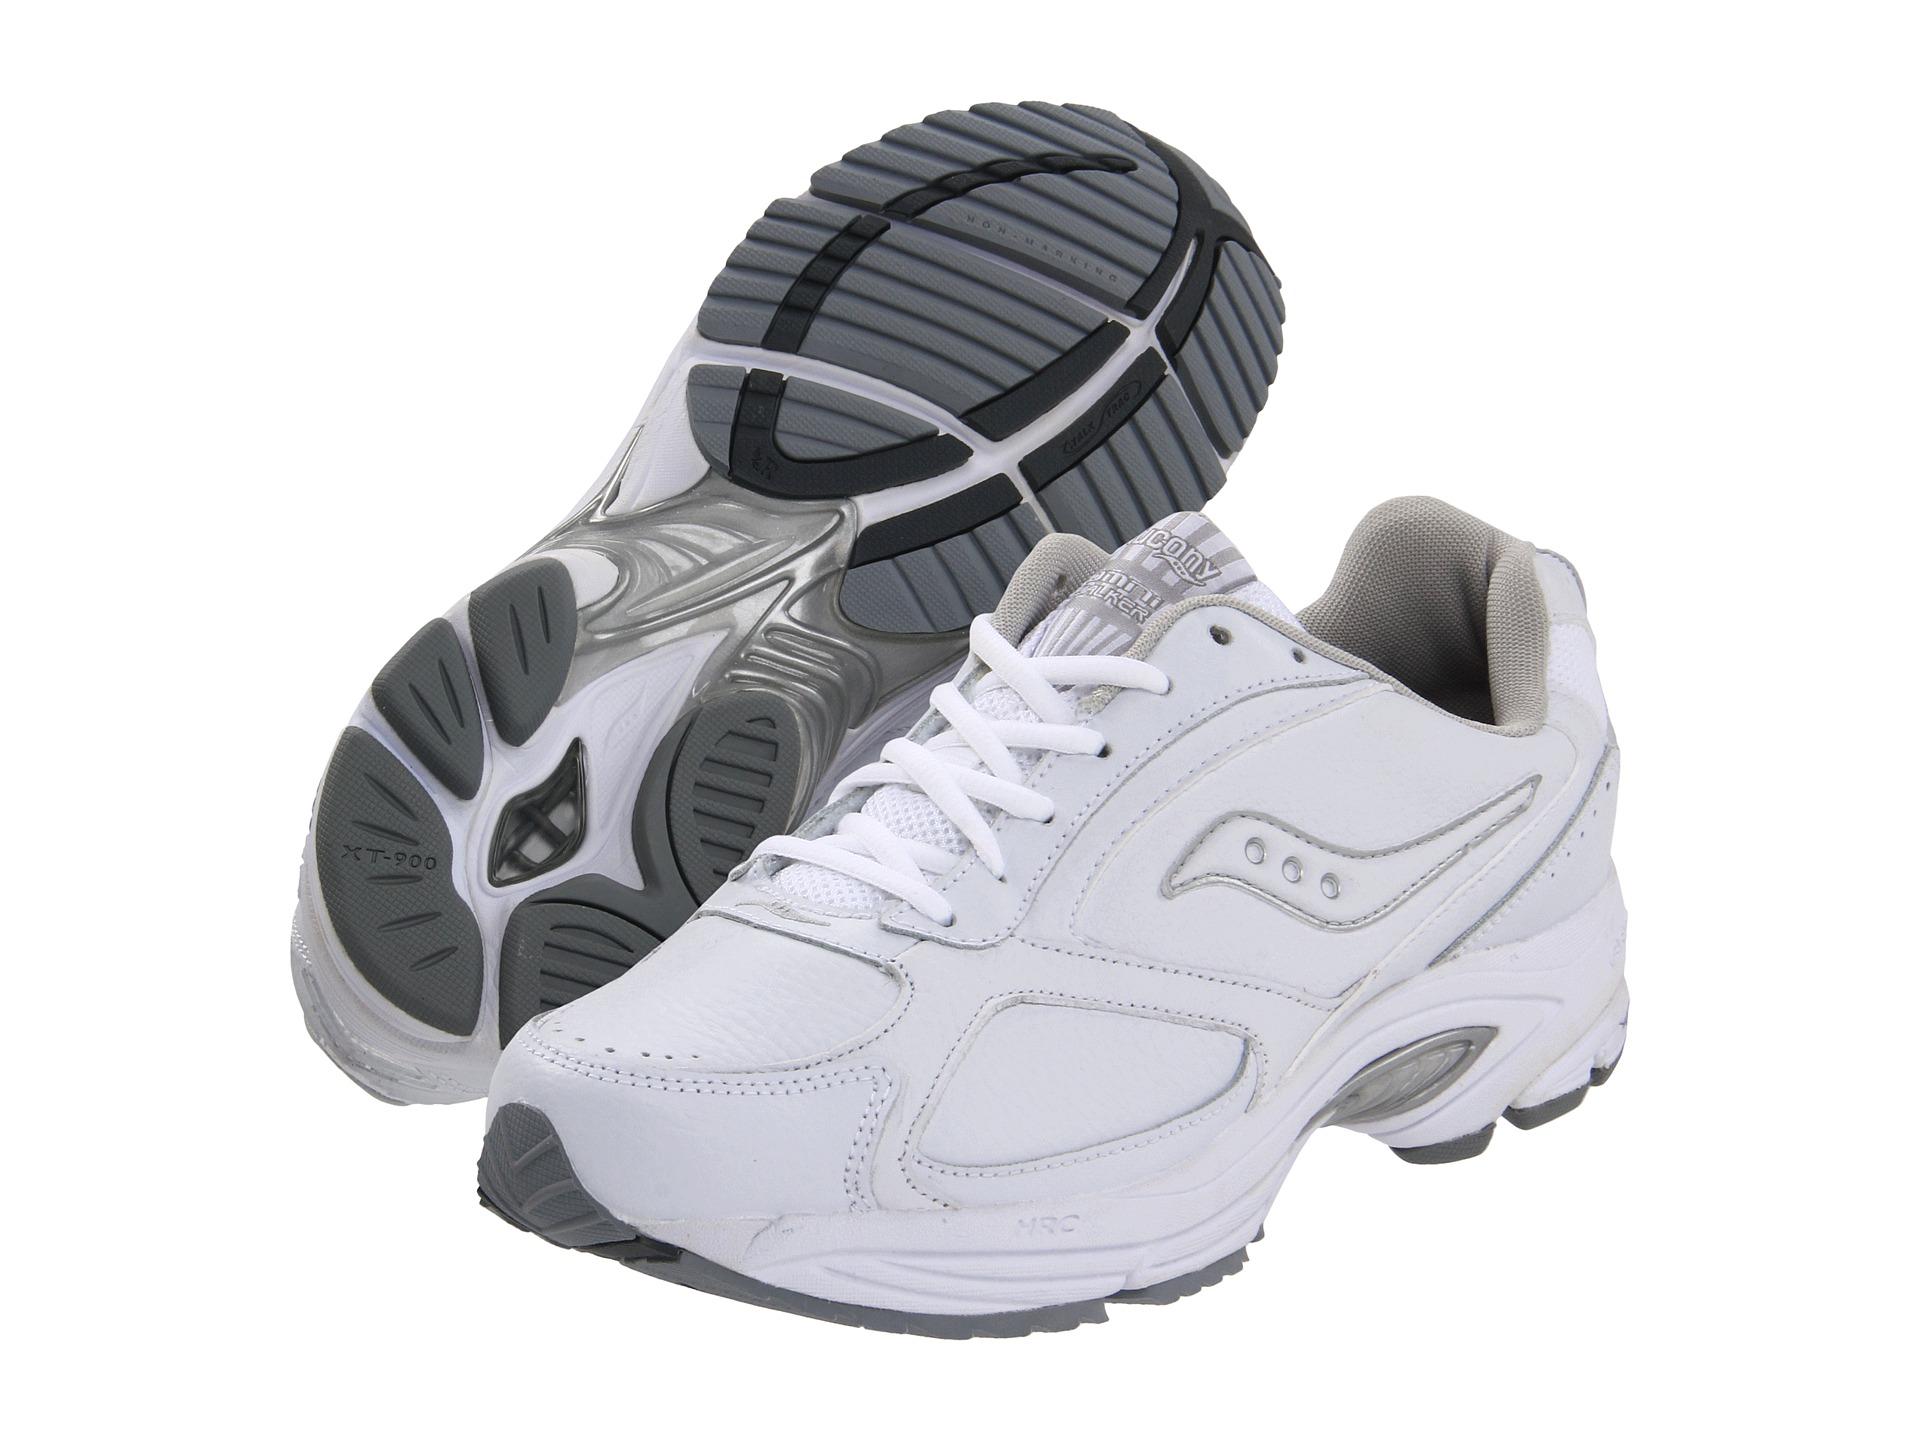 Saucony Men S Grid Omni Walker Shoe